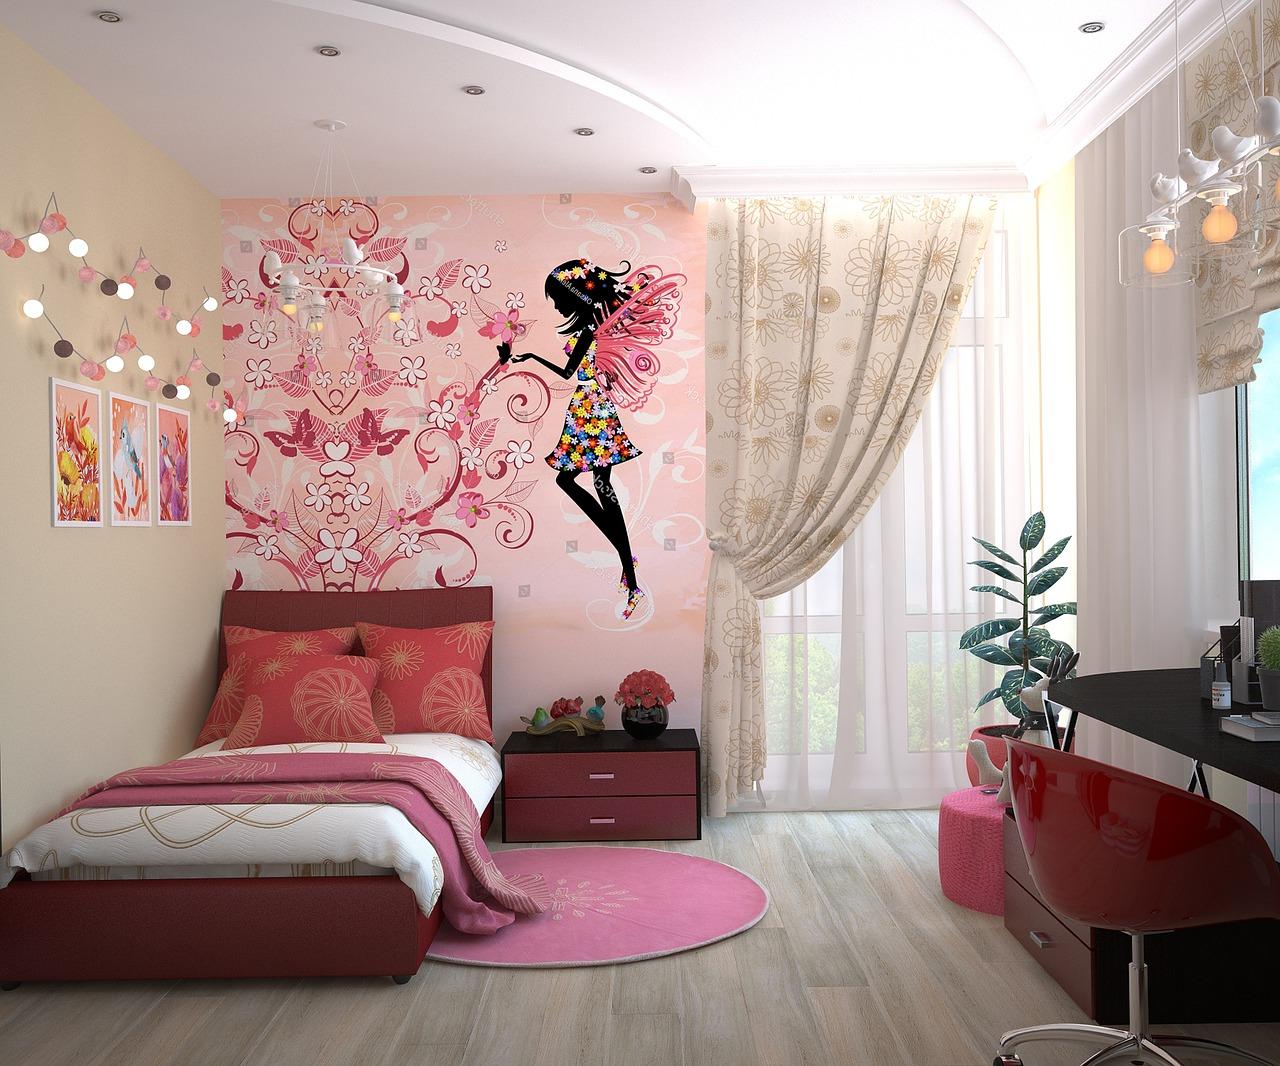 Quel papier peint pour la déco d'une chambre de petite fille ?